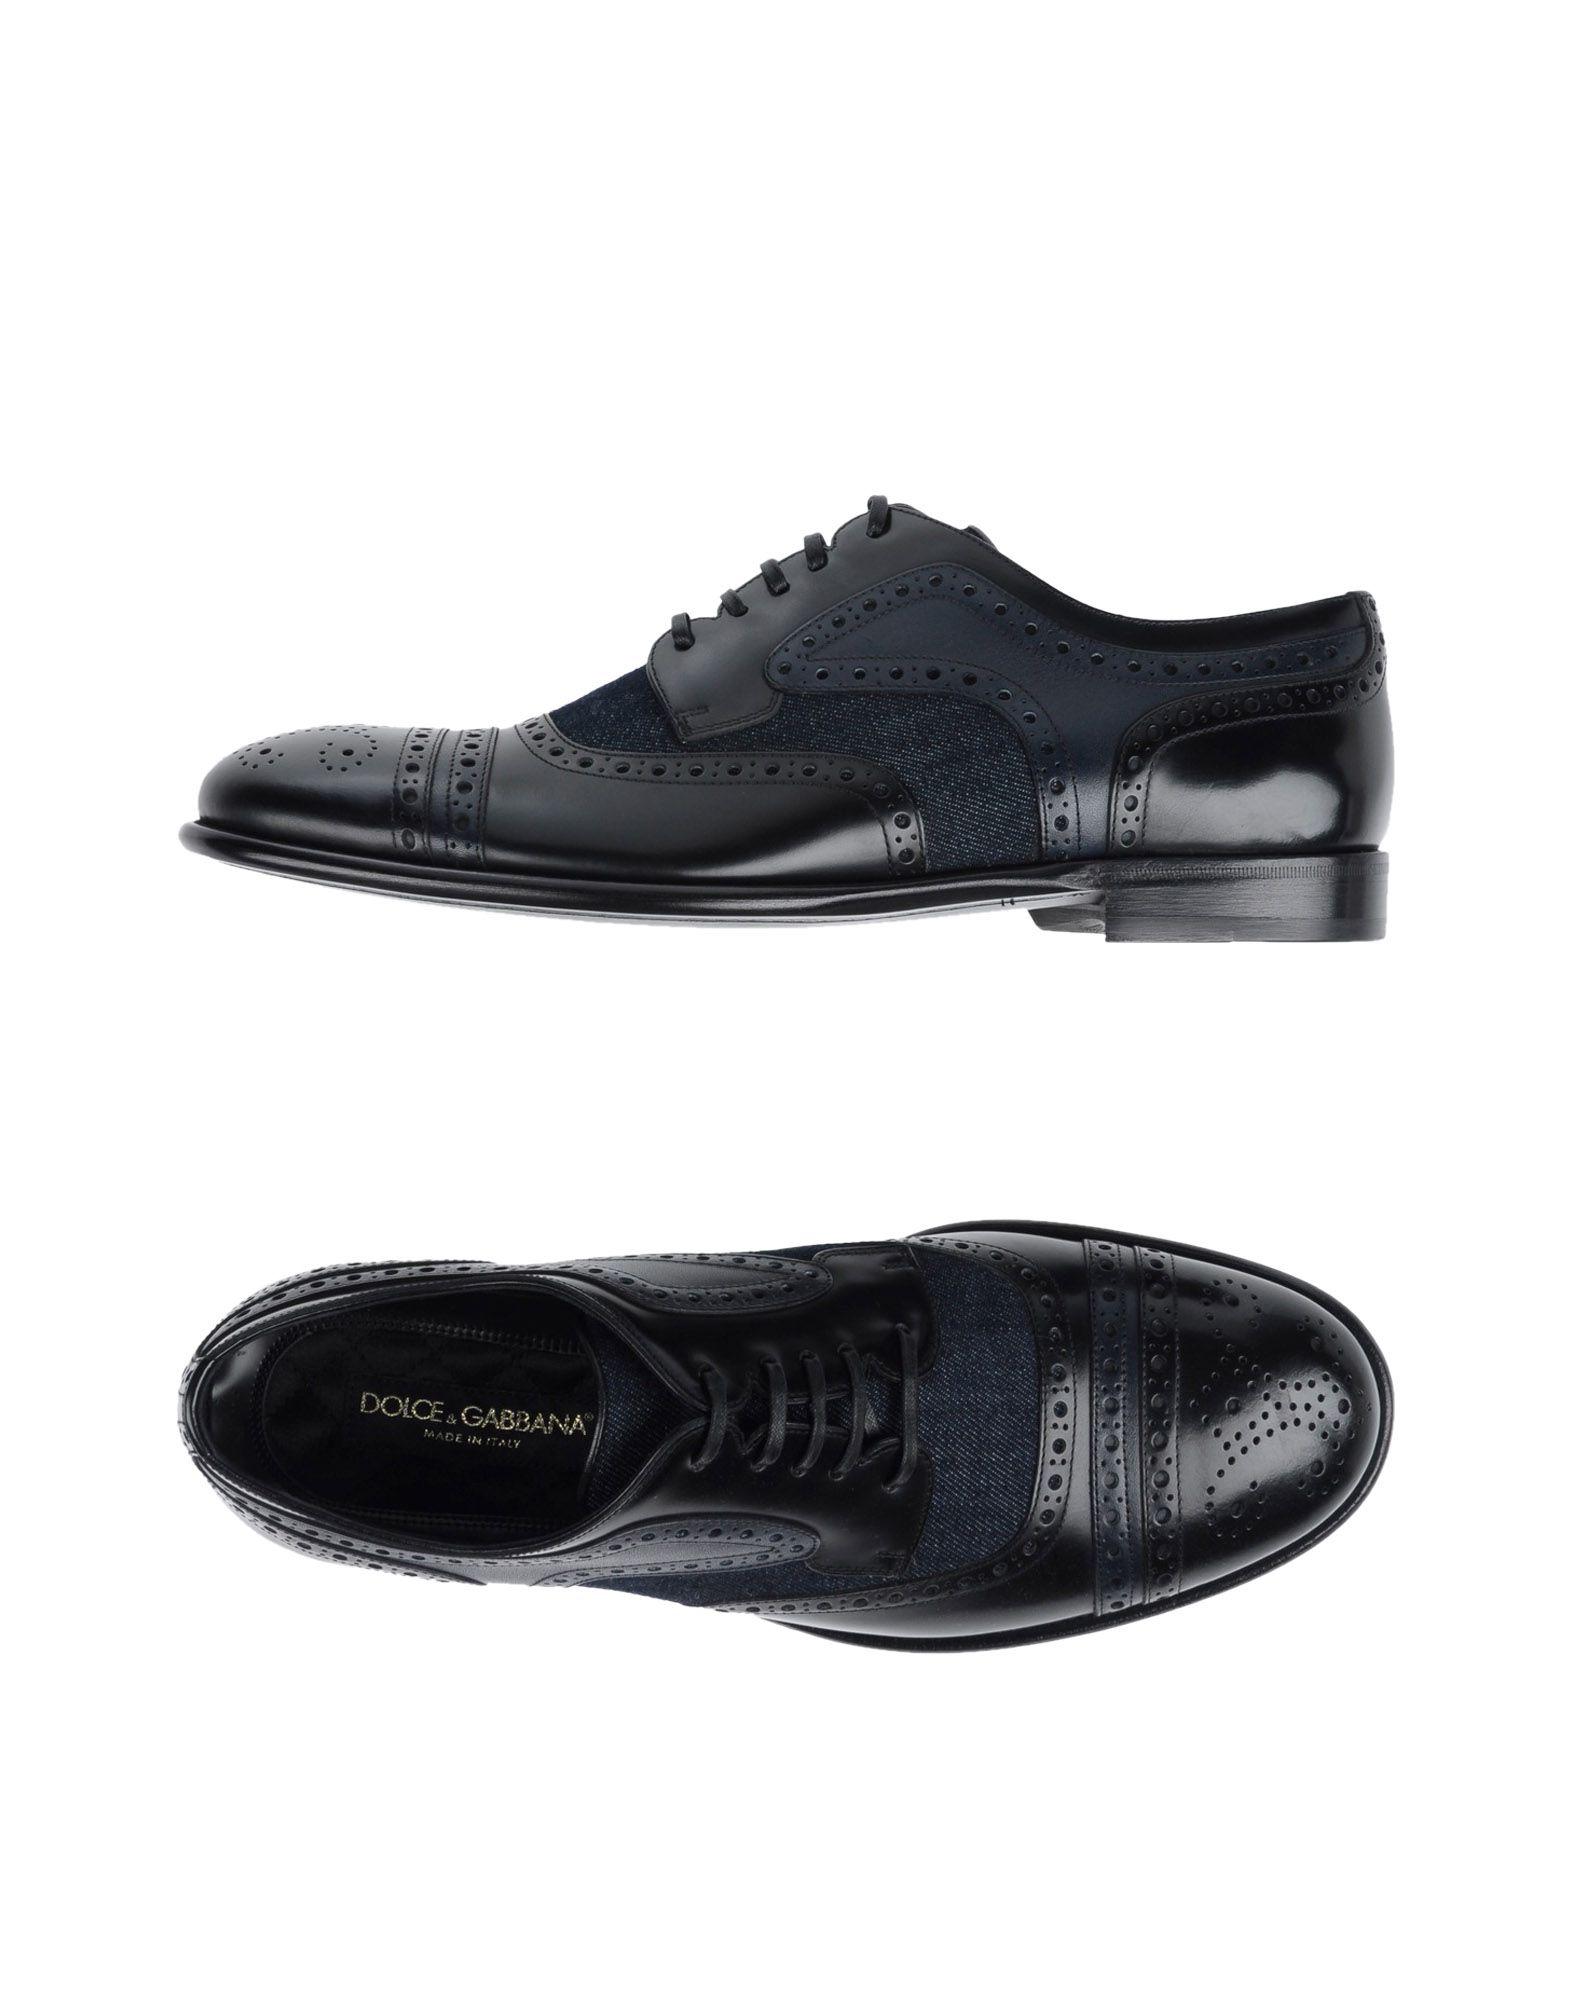 Dolce & Gabbana Schnürschuhe Herren  11281019WV Gute Qualität beliebte Schuhe